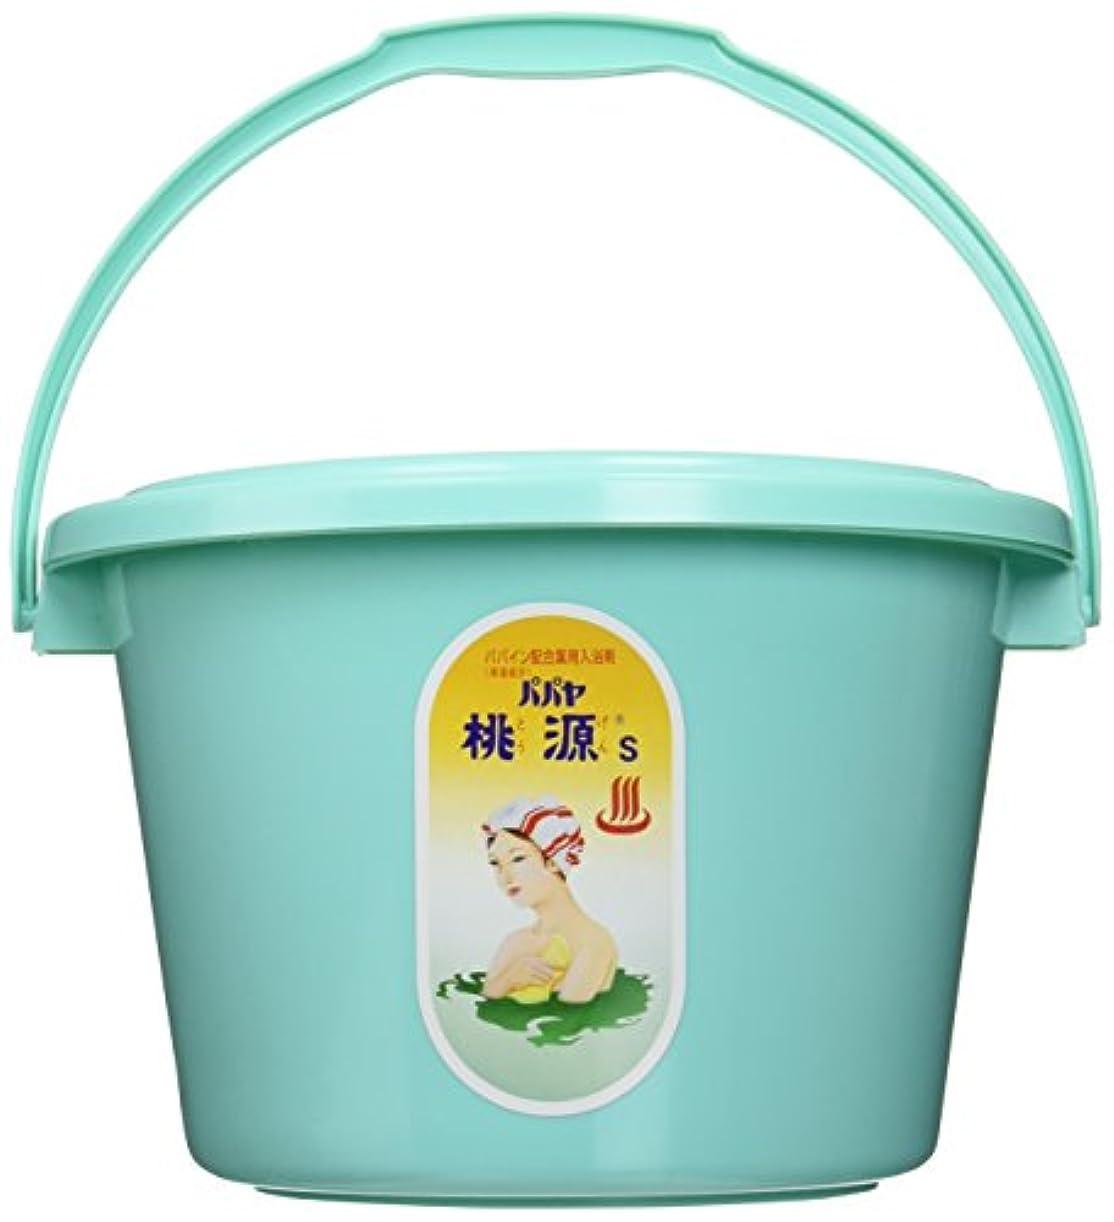 裏切る姿勢言語五洲薬品 パパヤ桃源Sバケツ 4kg [医薬部外品]